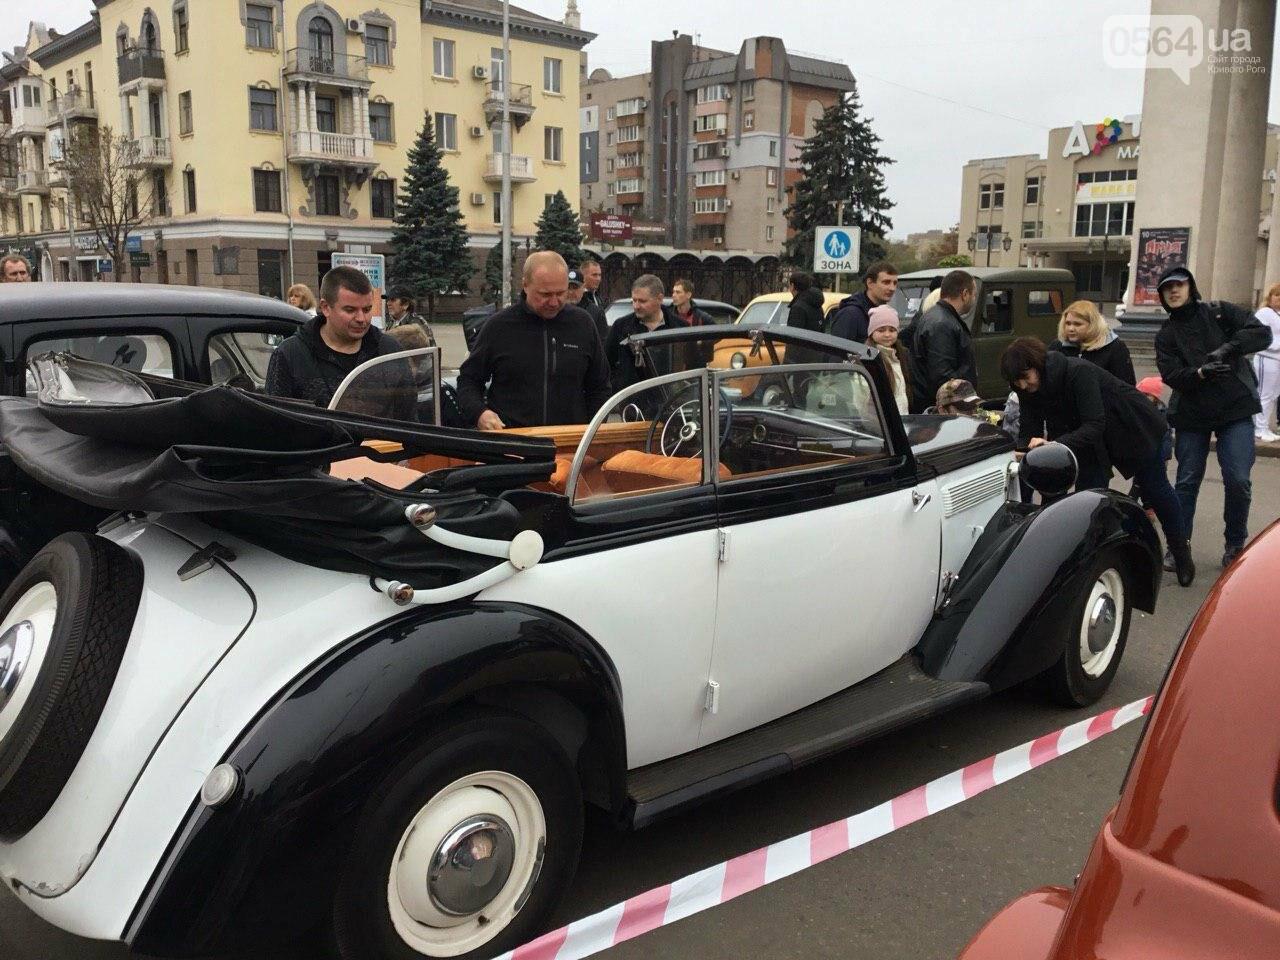 """В Кривом Роге показали """"Кабриолет"""", снимавшийся в 5 фильмах, и машину Штирлица, - ФОТО, ВИДЕО, фото-15"""